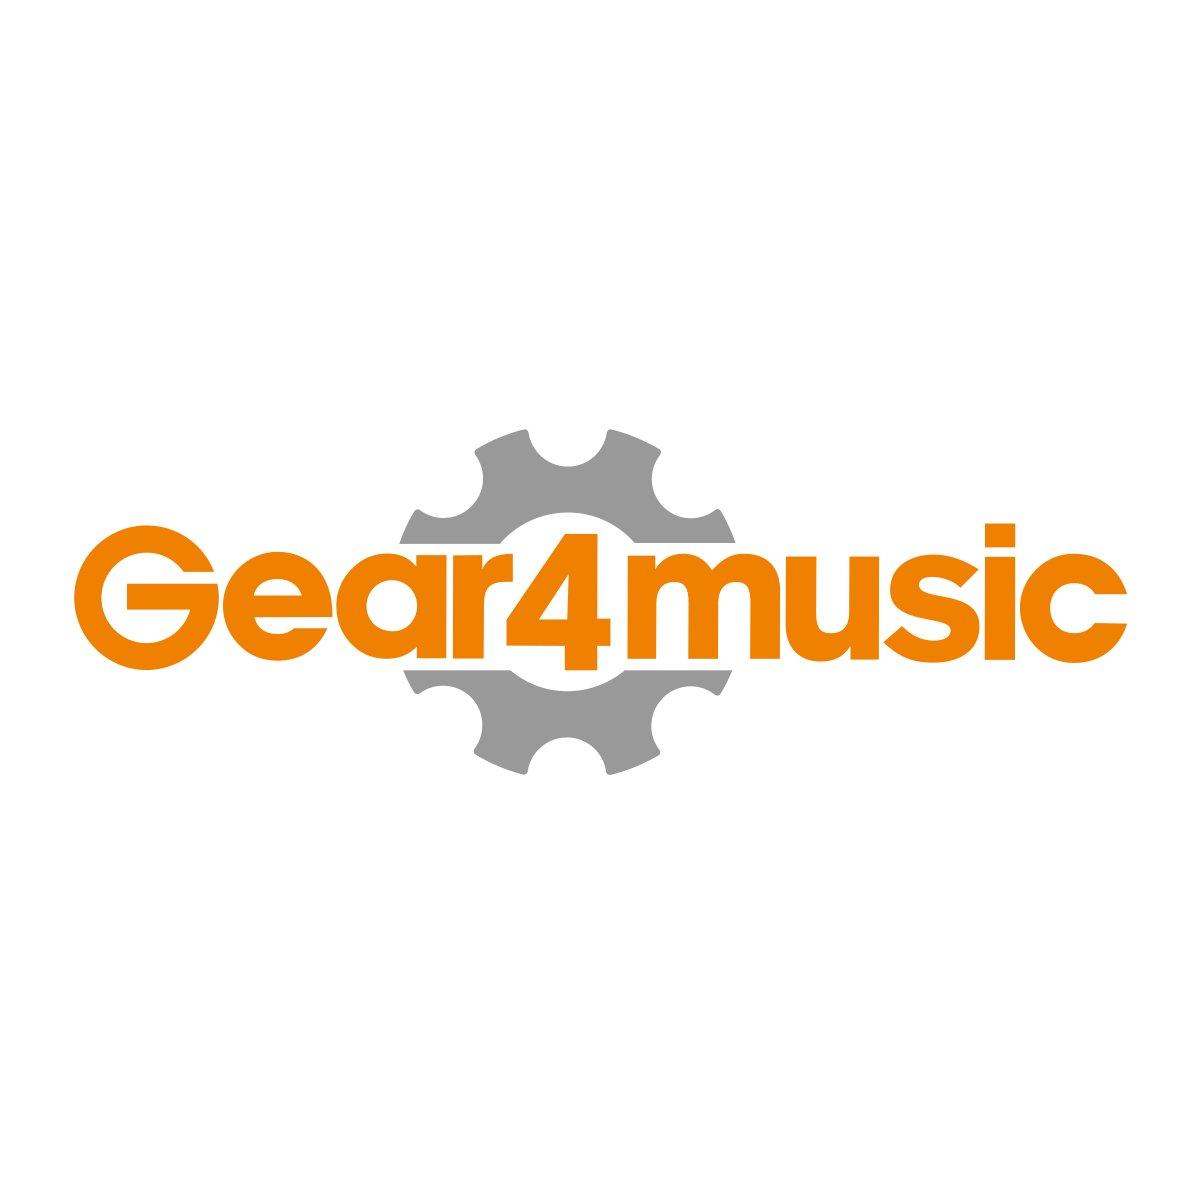 Stojak muzyczny światła marki Gear4music, 2 LED